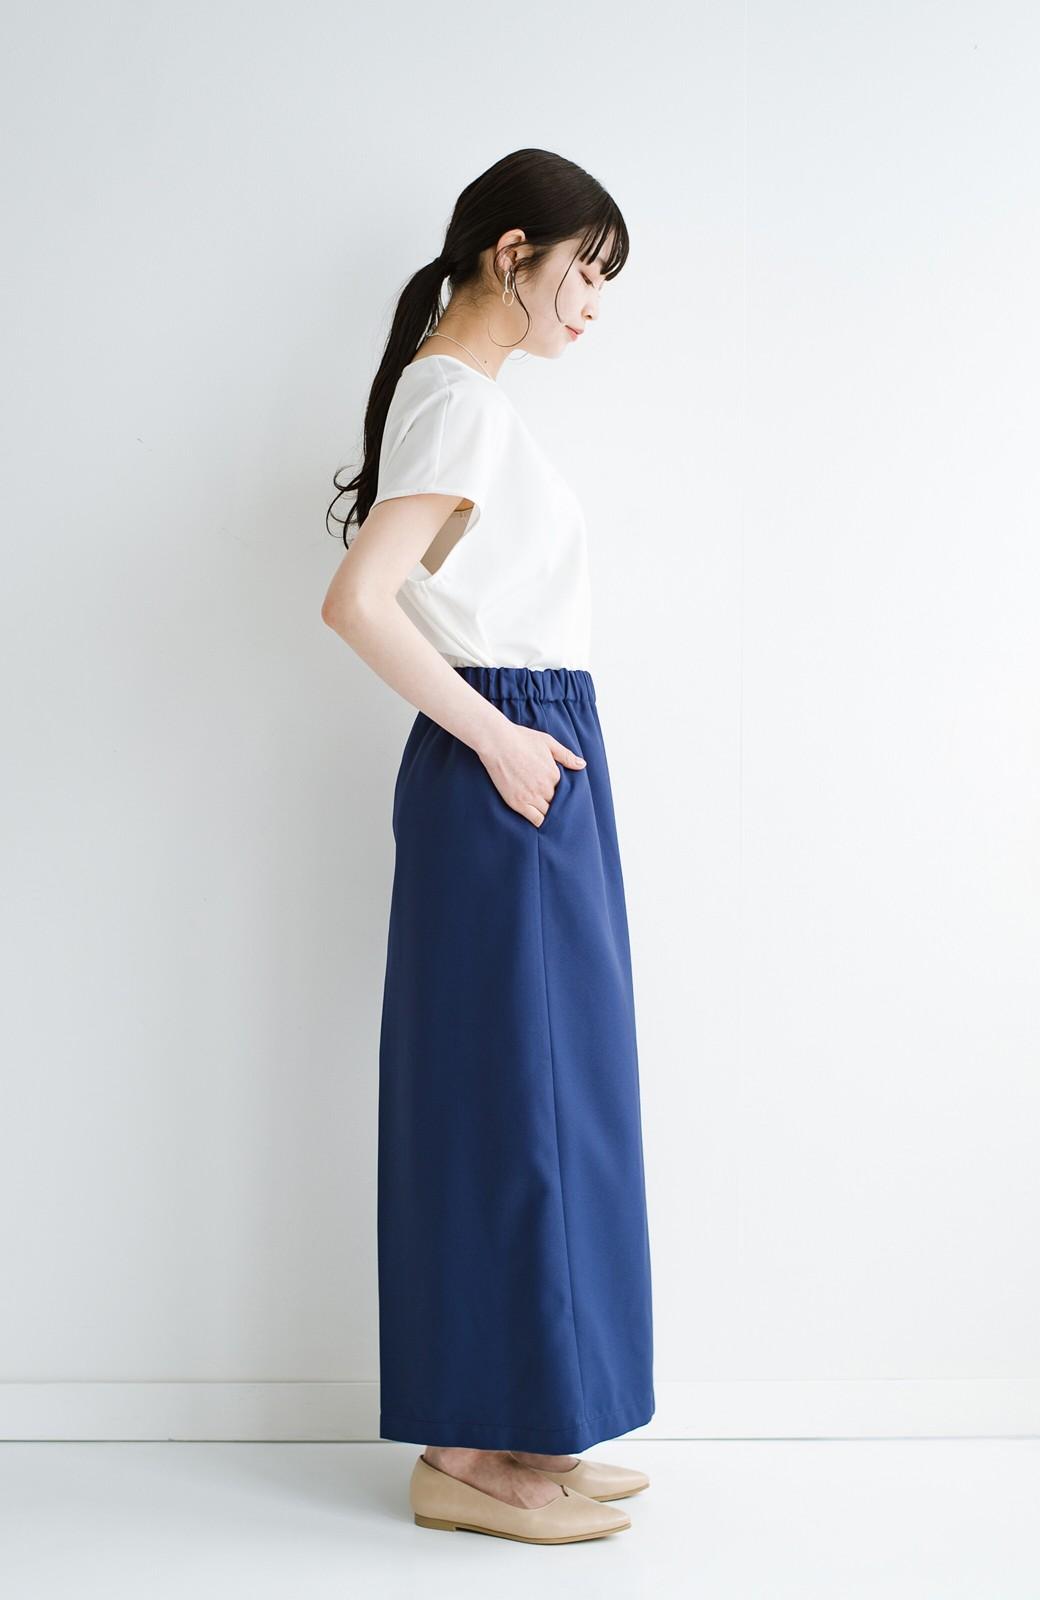 haco! スカート感覚でゆったりはけちゃう お仕事にも便利なきれいめタックワイドパンツ <ネイビー>の商品写真17